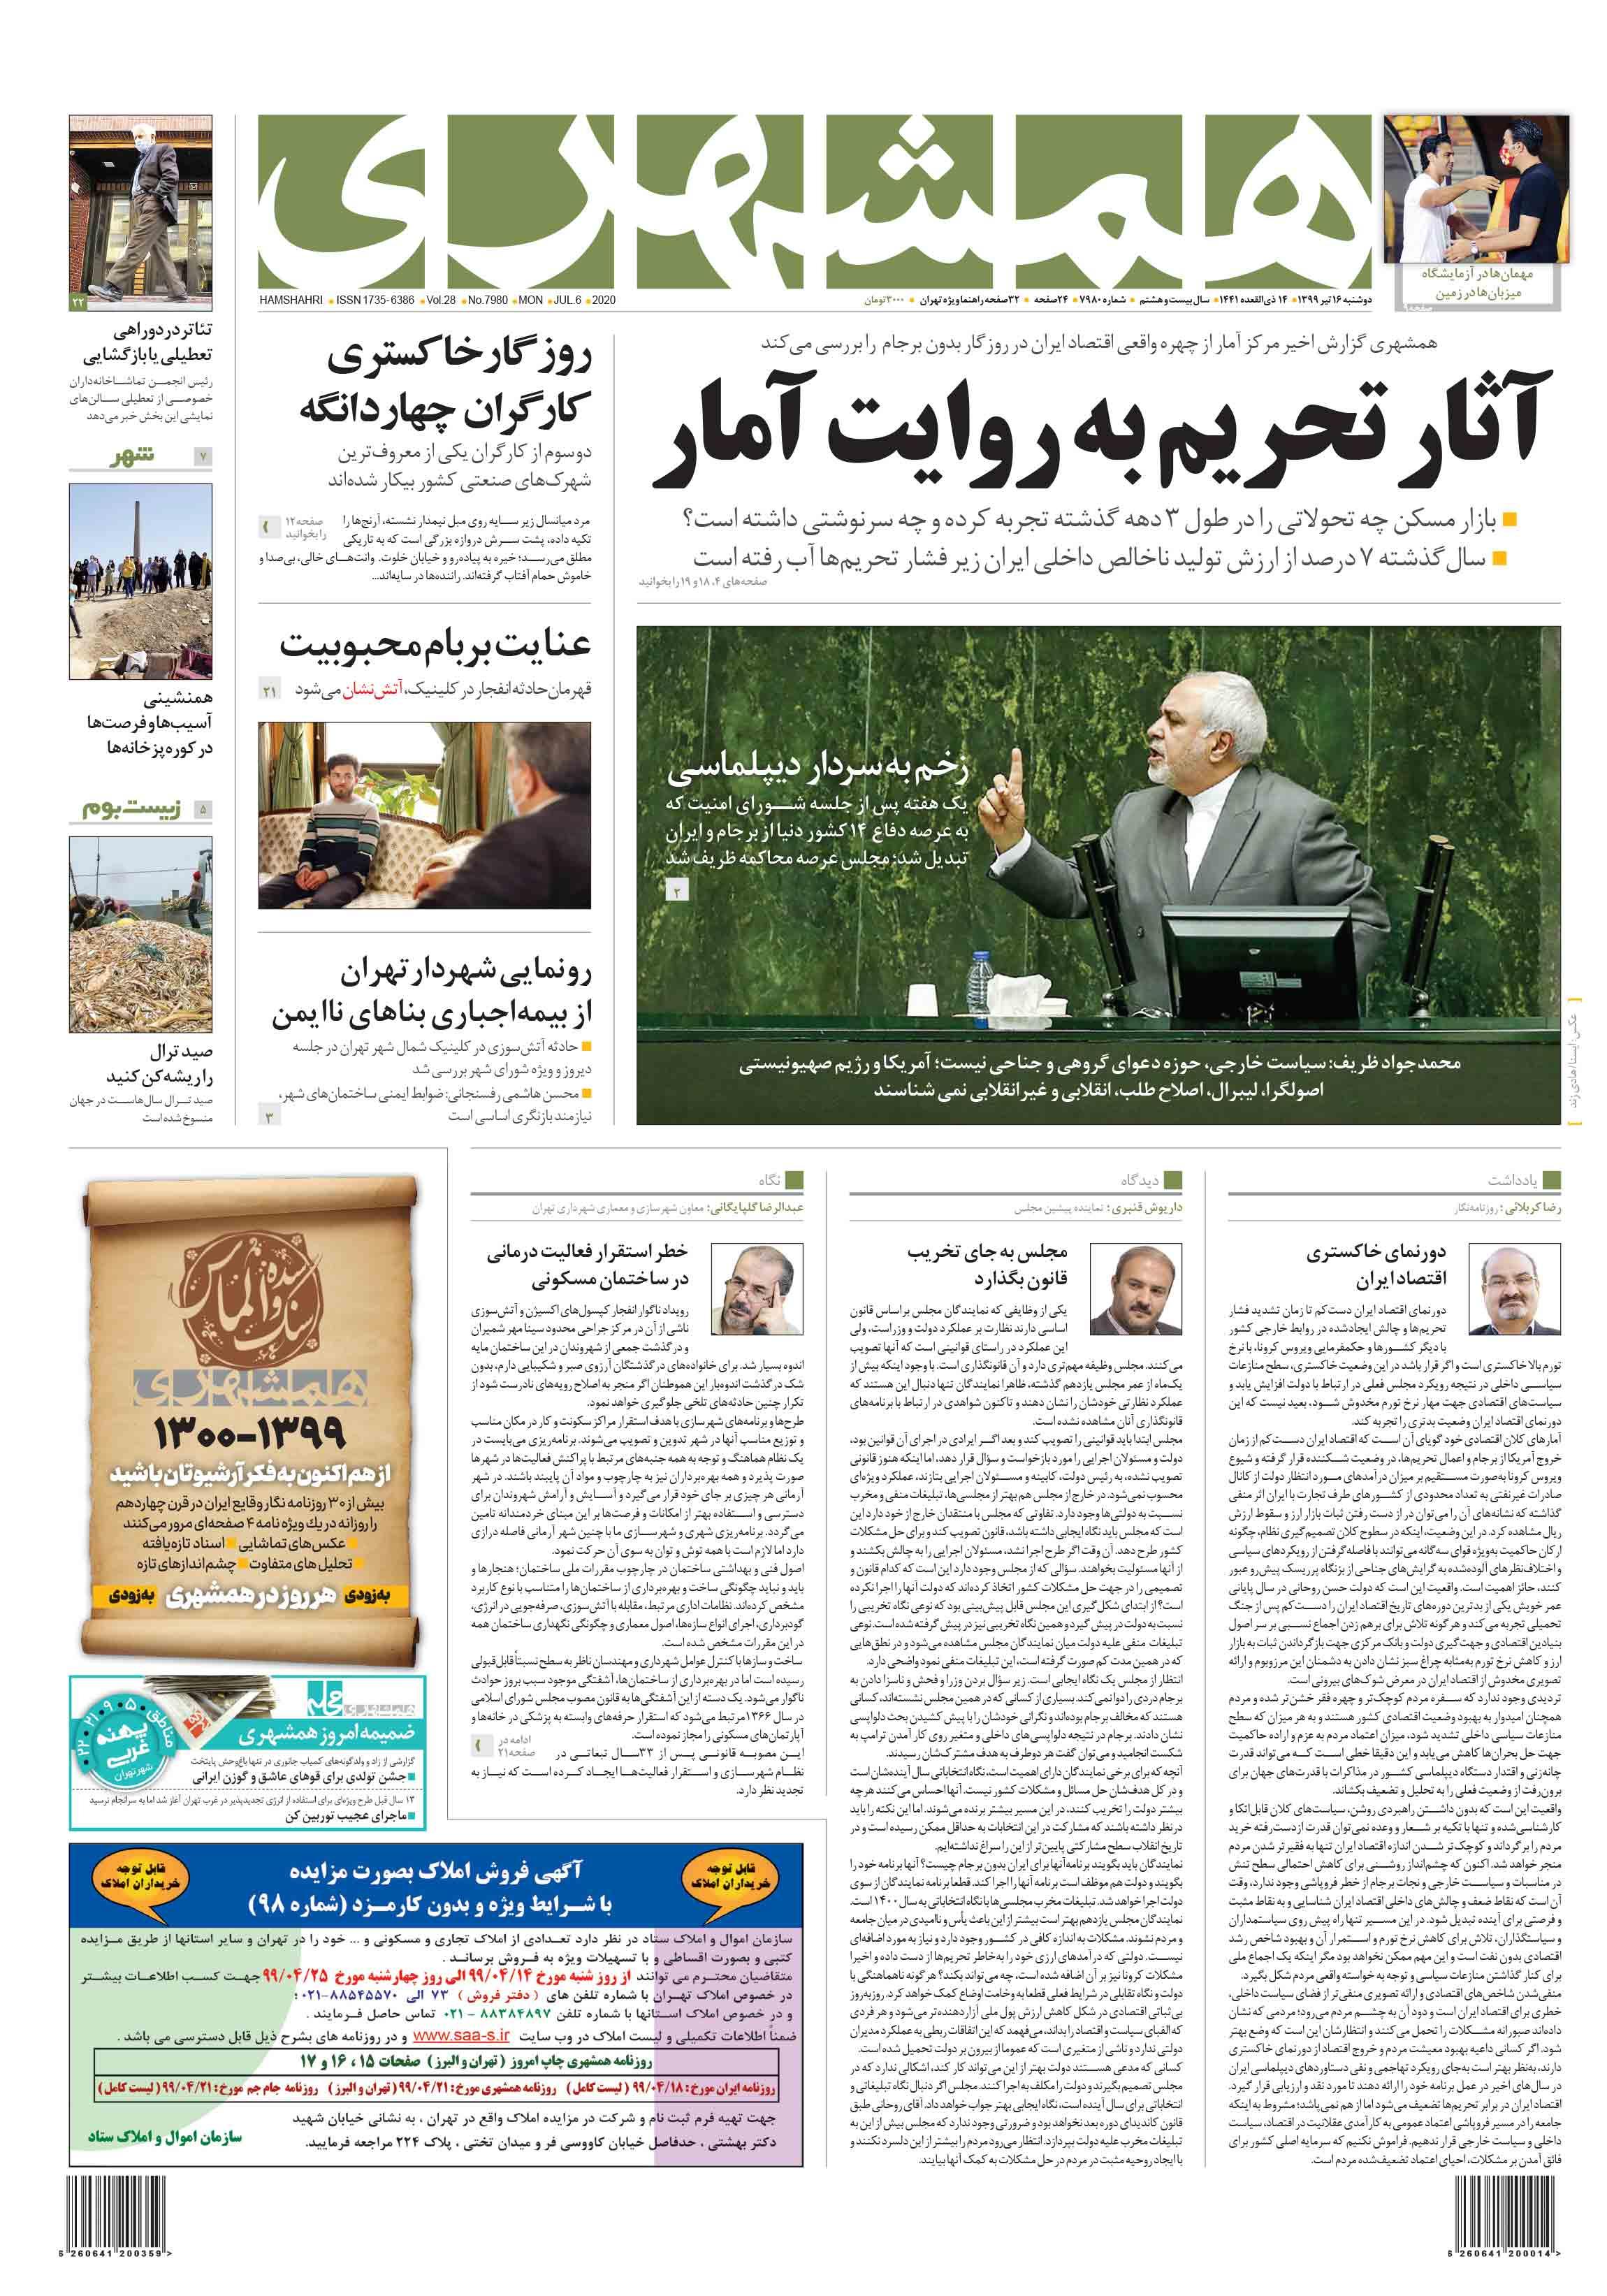 صفحه اول دوشنبه 16 تیر 1399